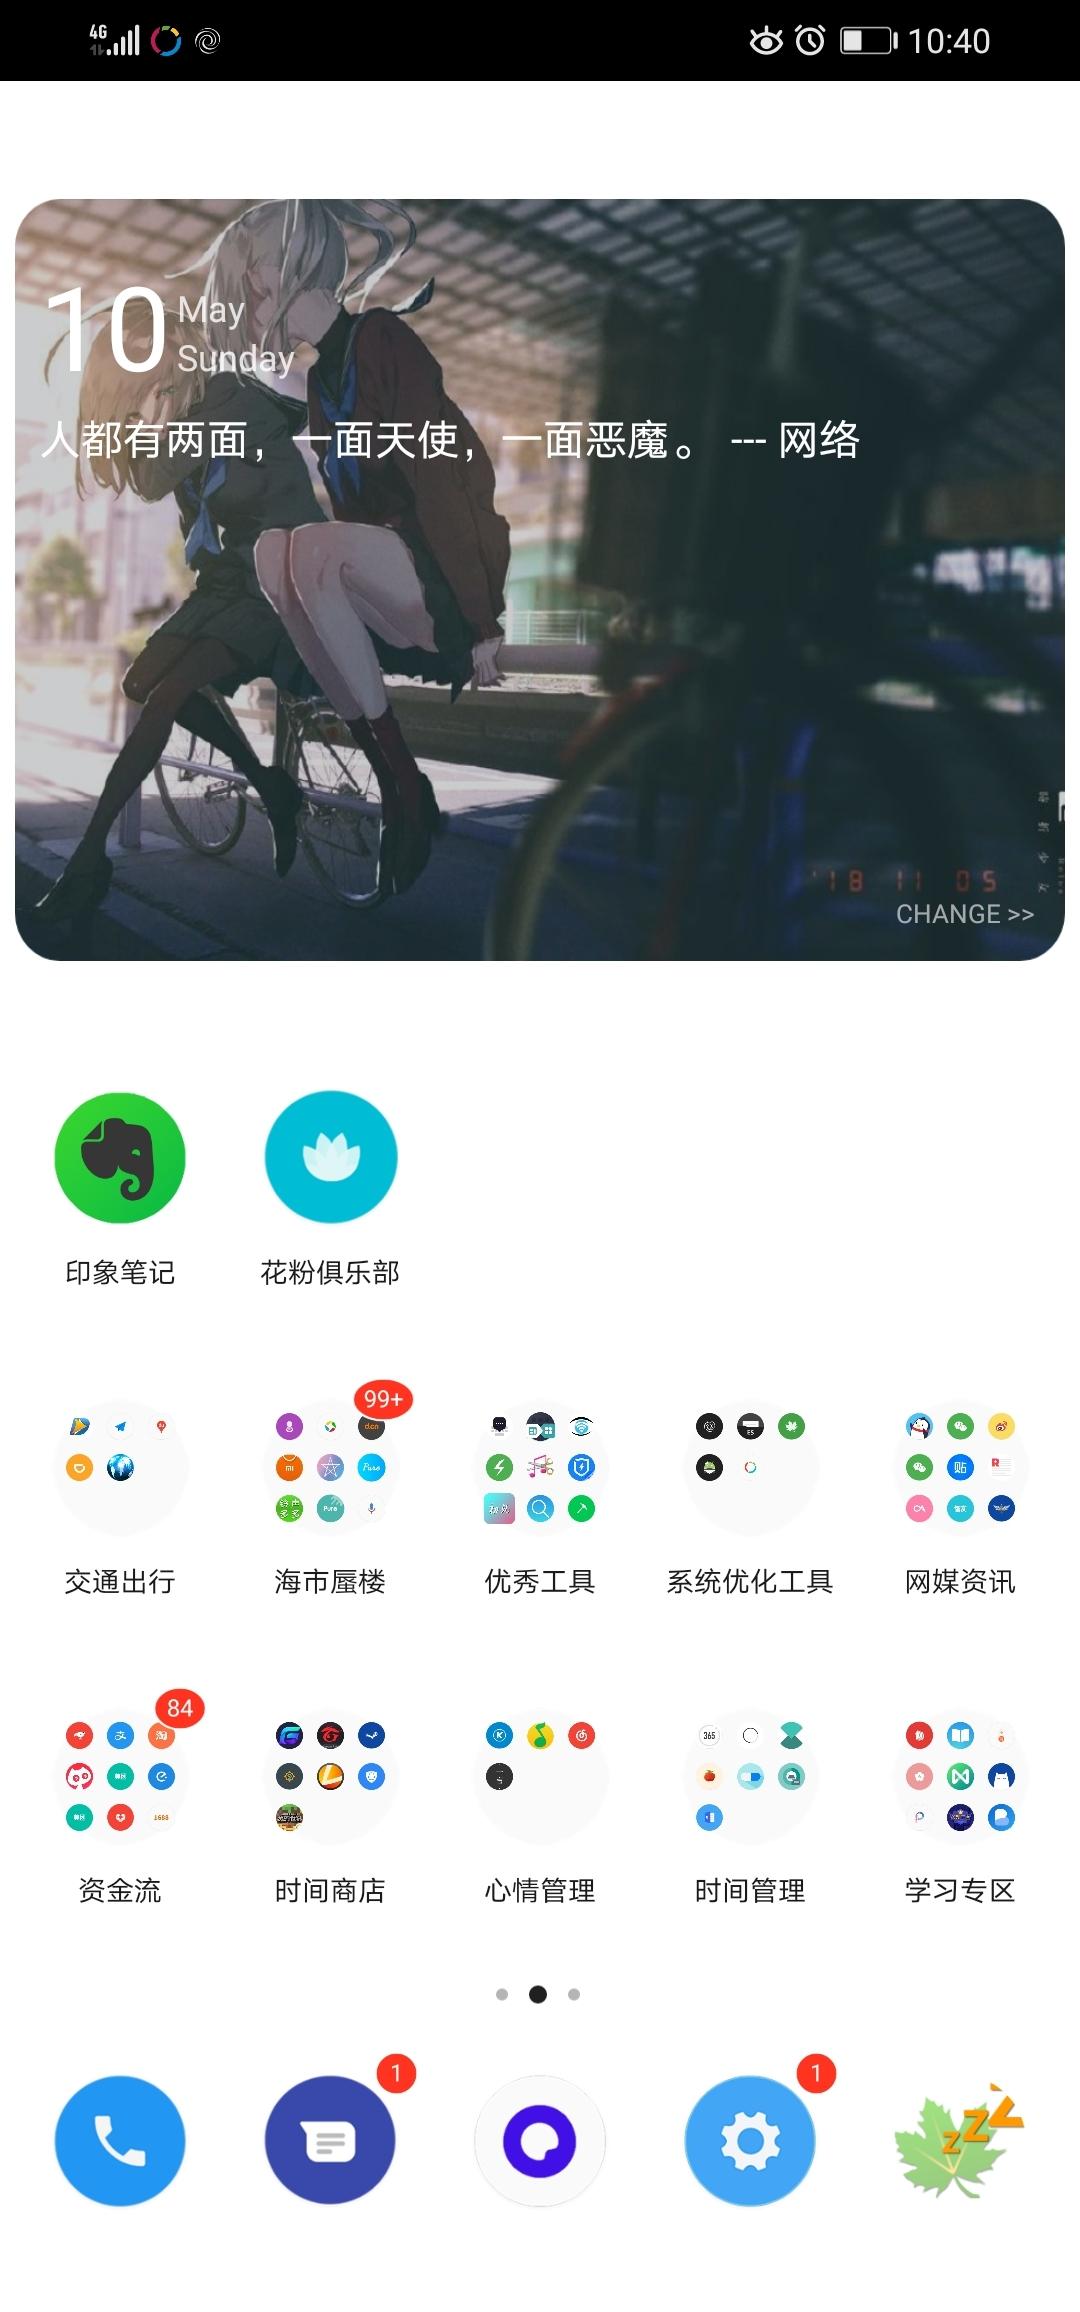 Screenshot_20200510_224021_com.huawei.android.launcher.jpg